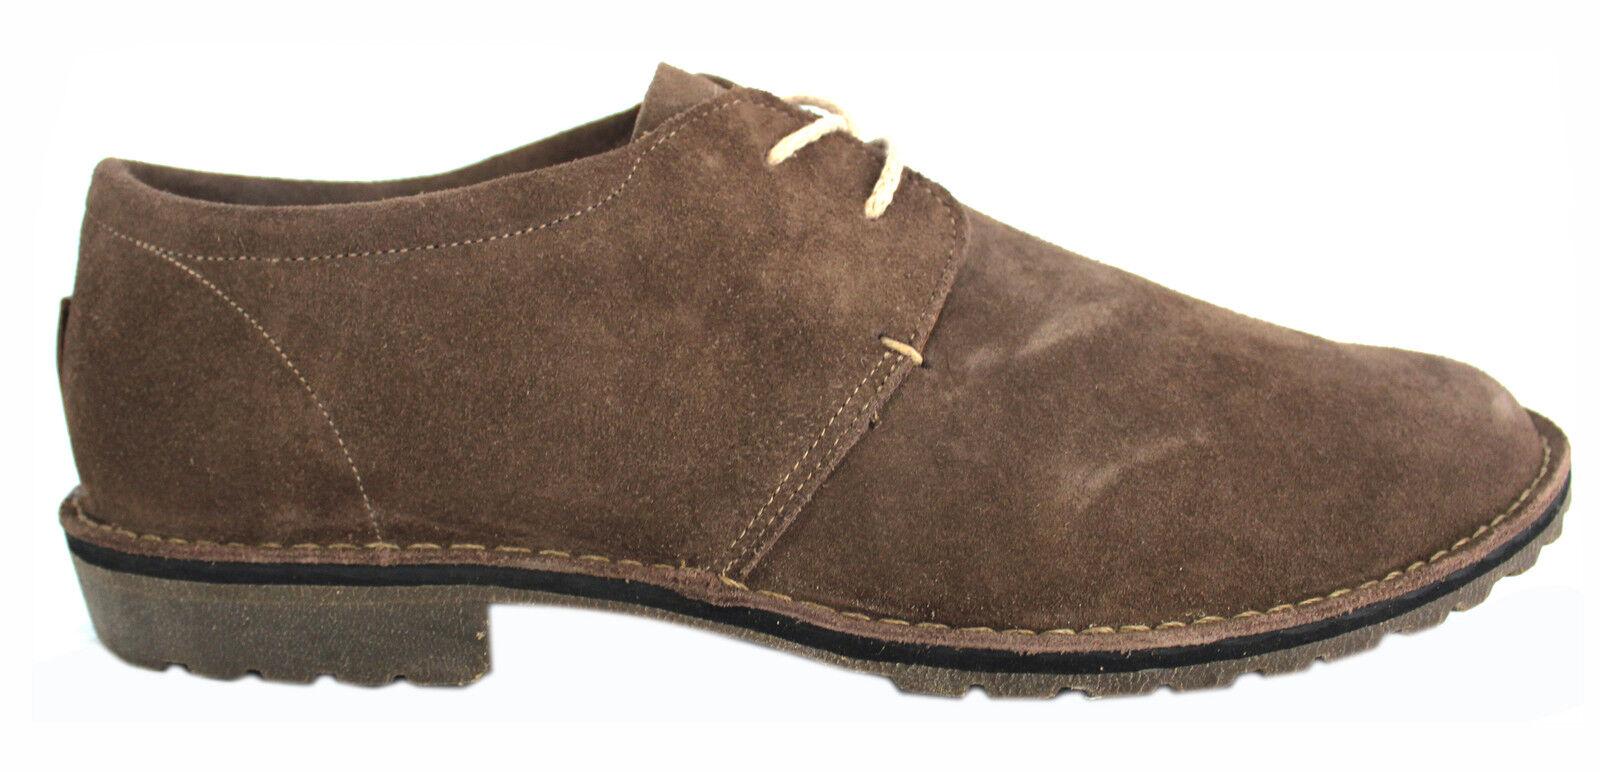 Timberland Earthkeepers Original Oxford Herren Schnürschuhe Leder 5240R D30    | Nutzen Sie Materialien voll aus